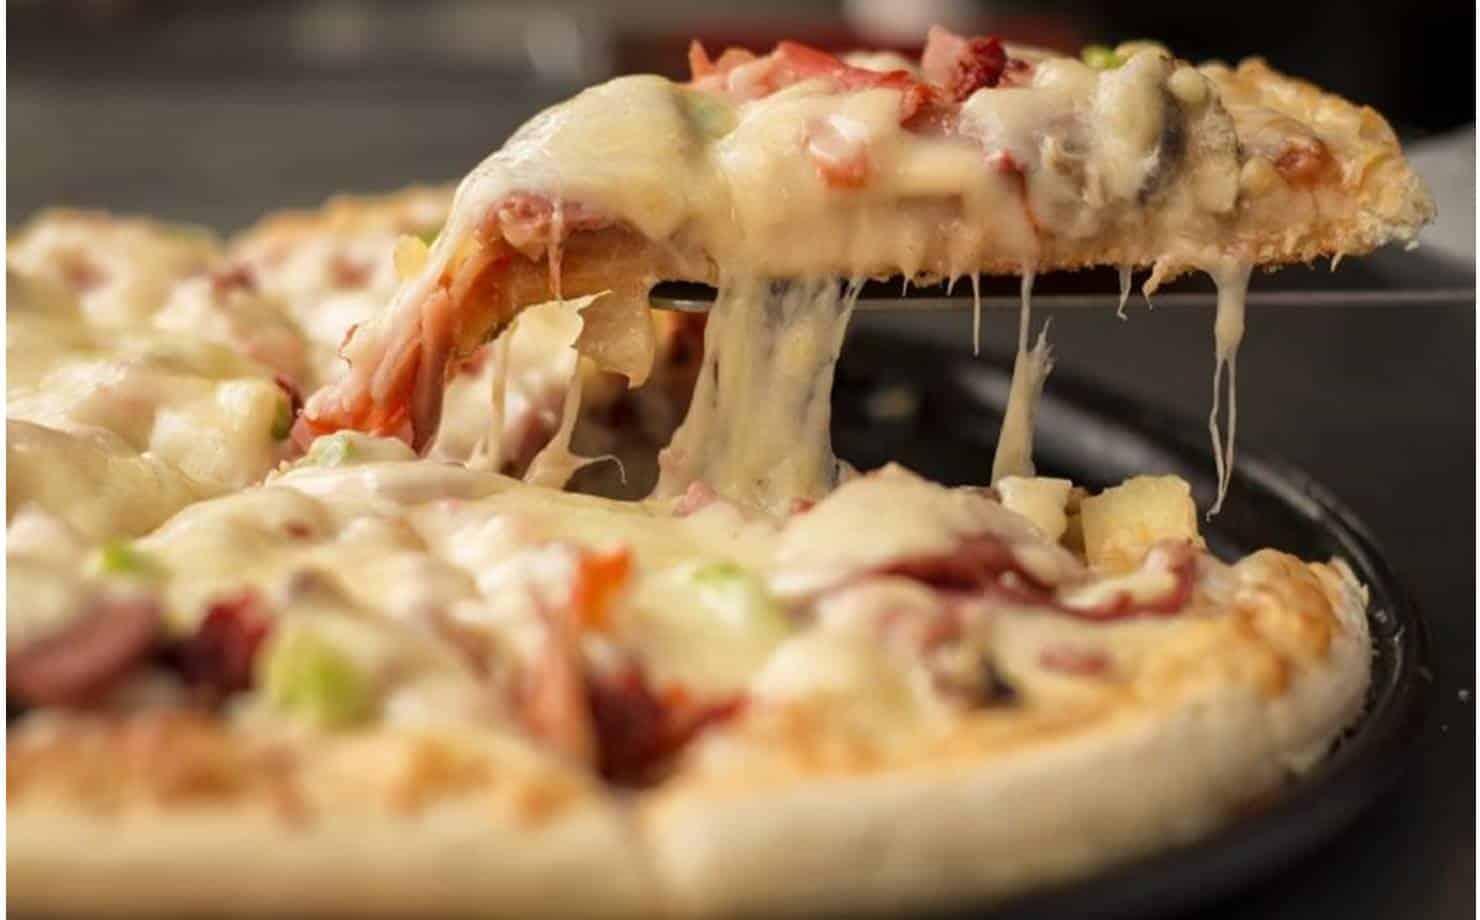 Veja como fazer uma deliciosa pizza caseira com ingredientes simples